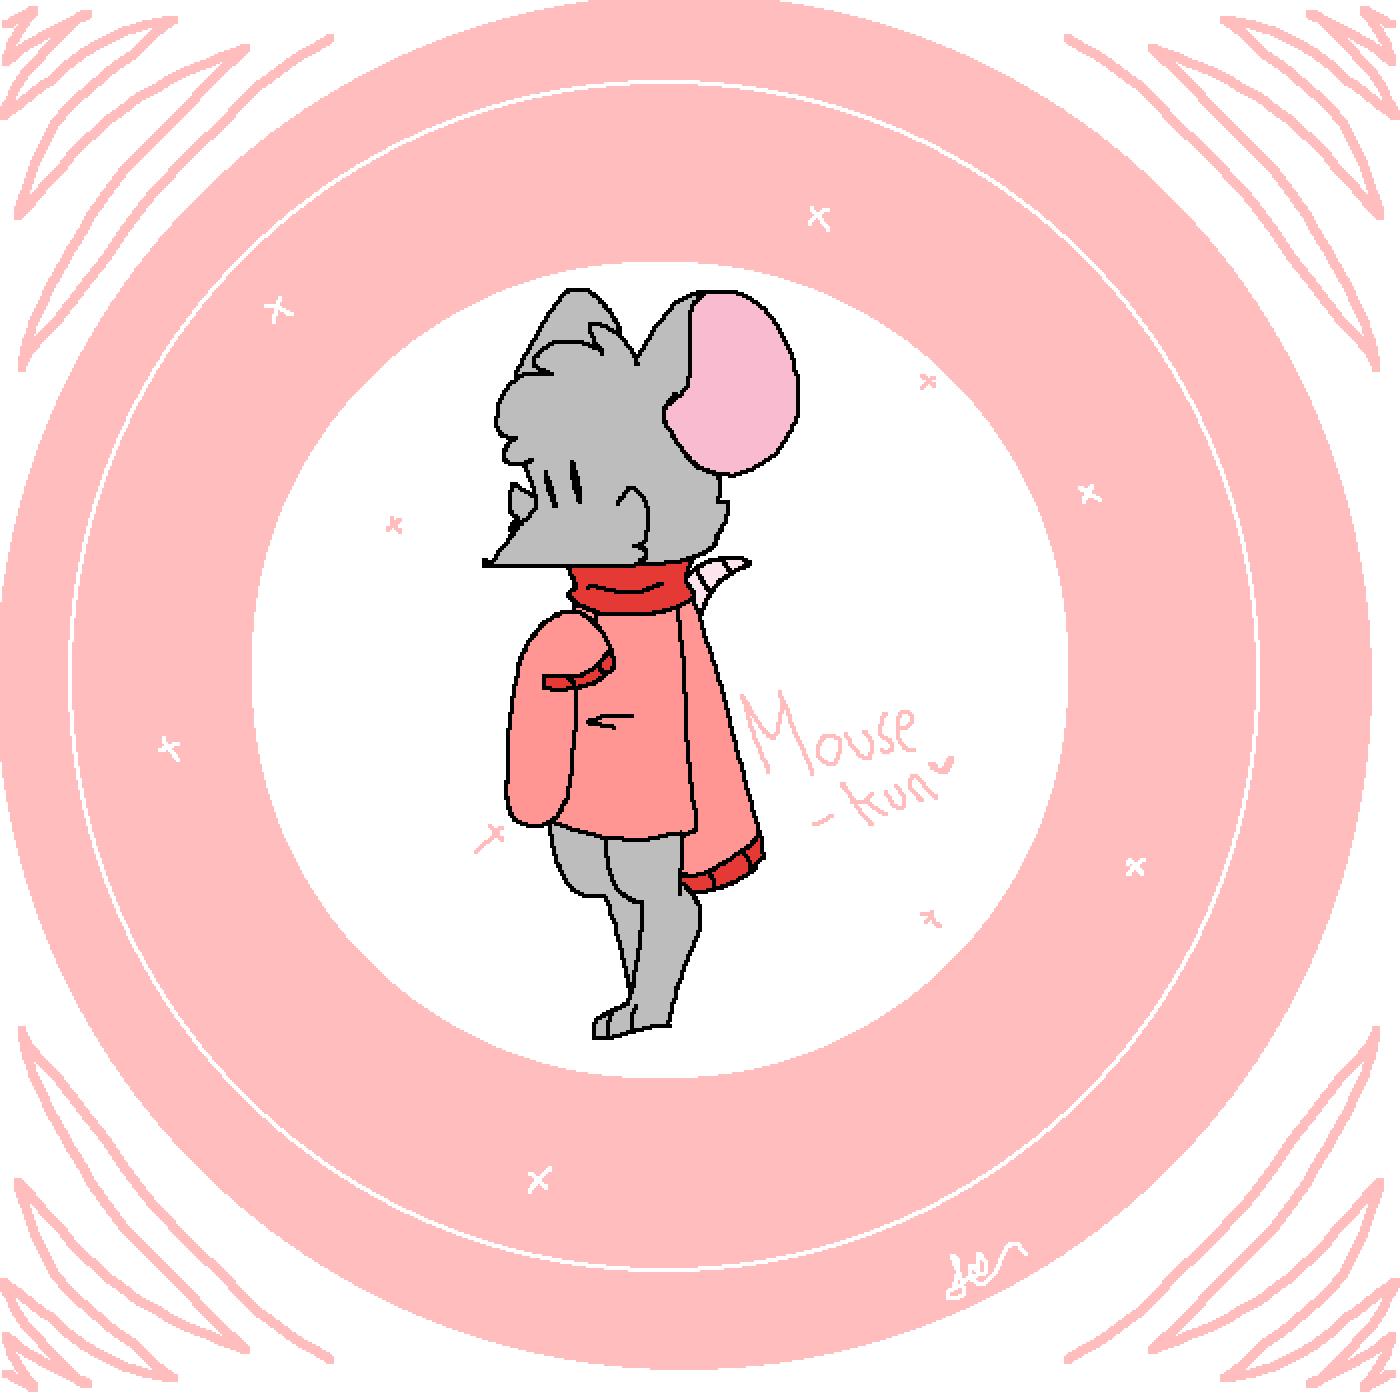 Mouse-kun by alxha-lala